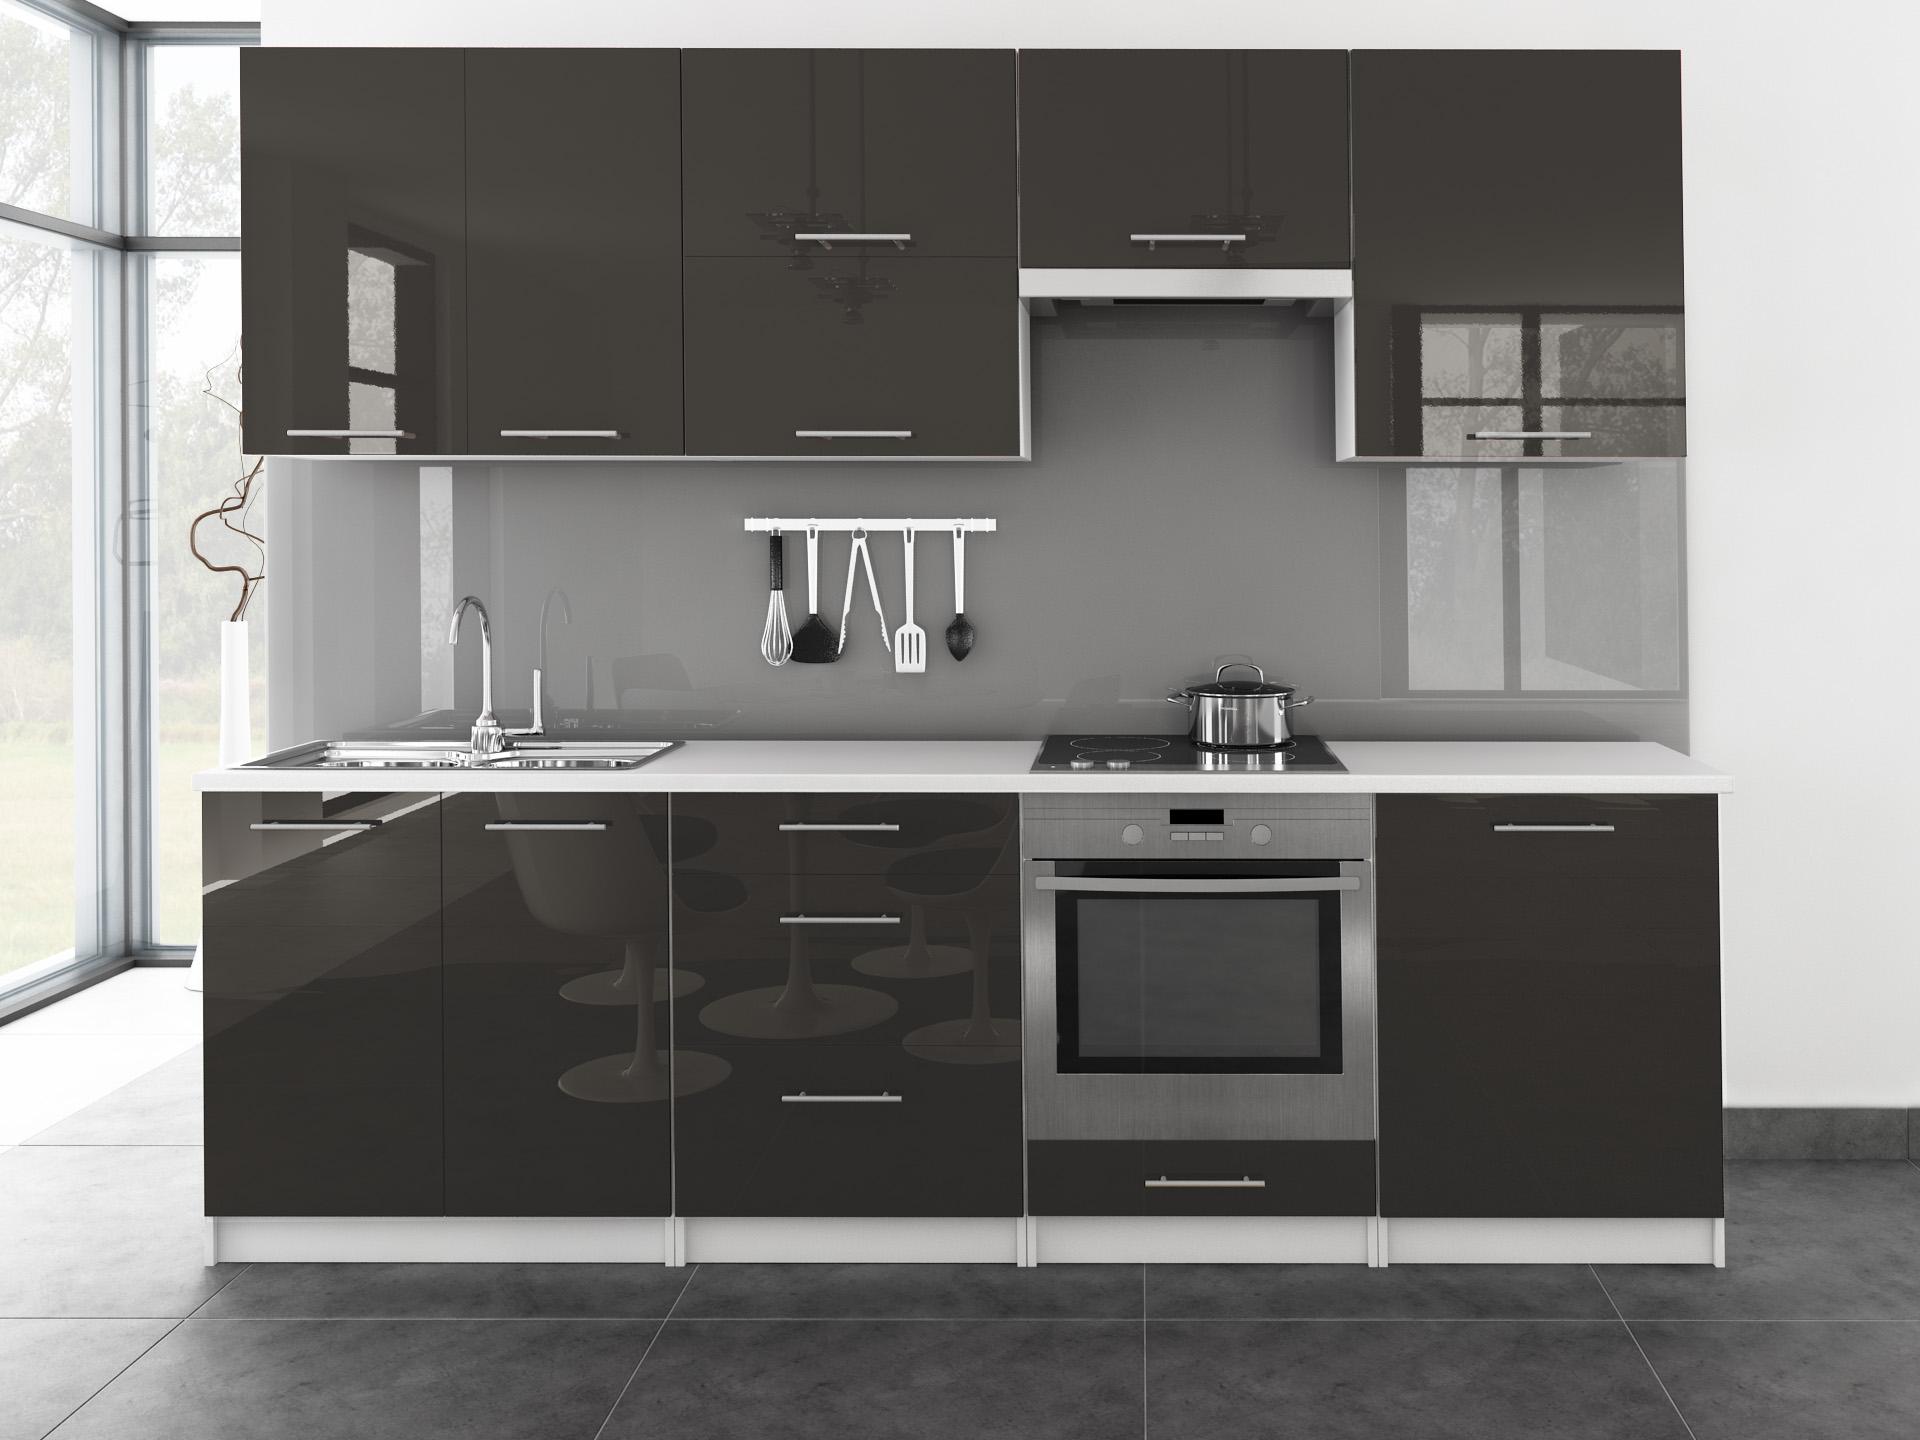 k chenzeile toro 260 cm wei hochglanz farbwahl mdf fronten k che reling ebay. Black Bedroom Furniture Sets. Home Design Ideas